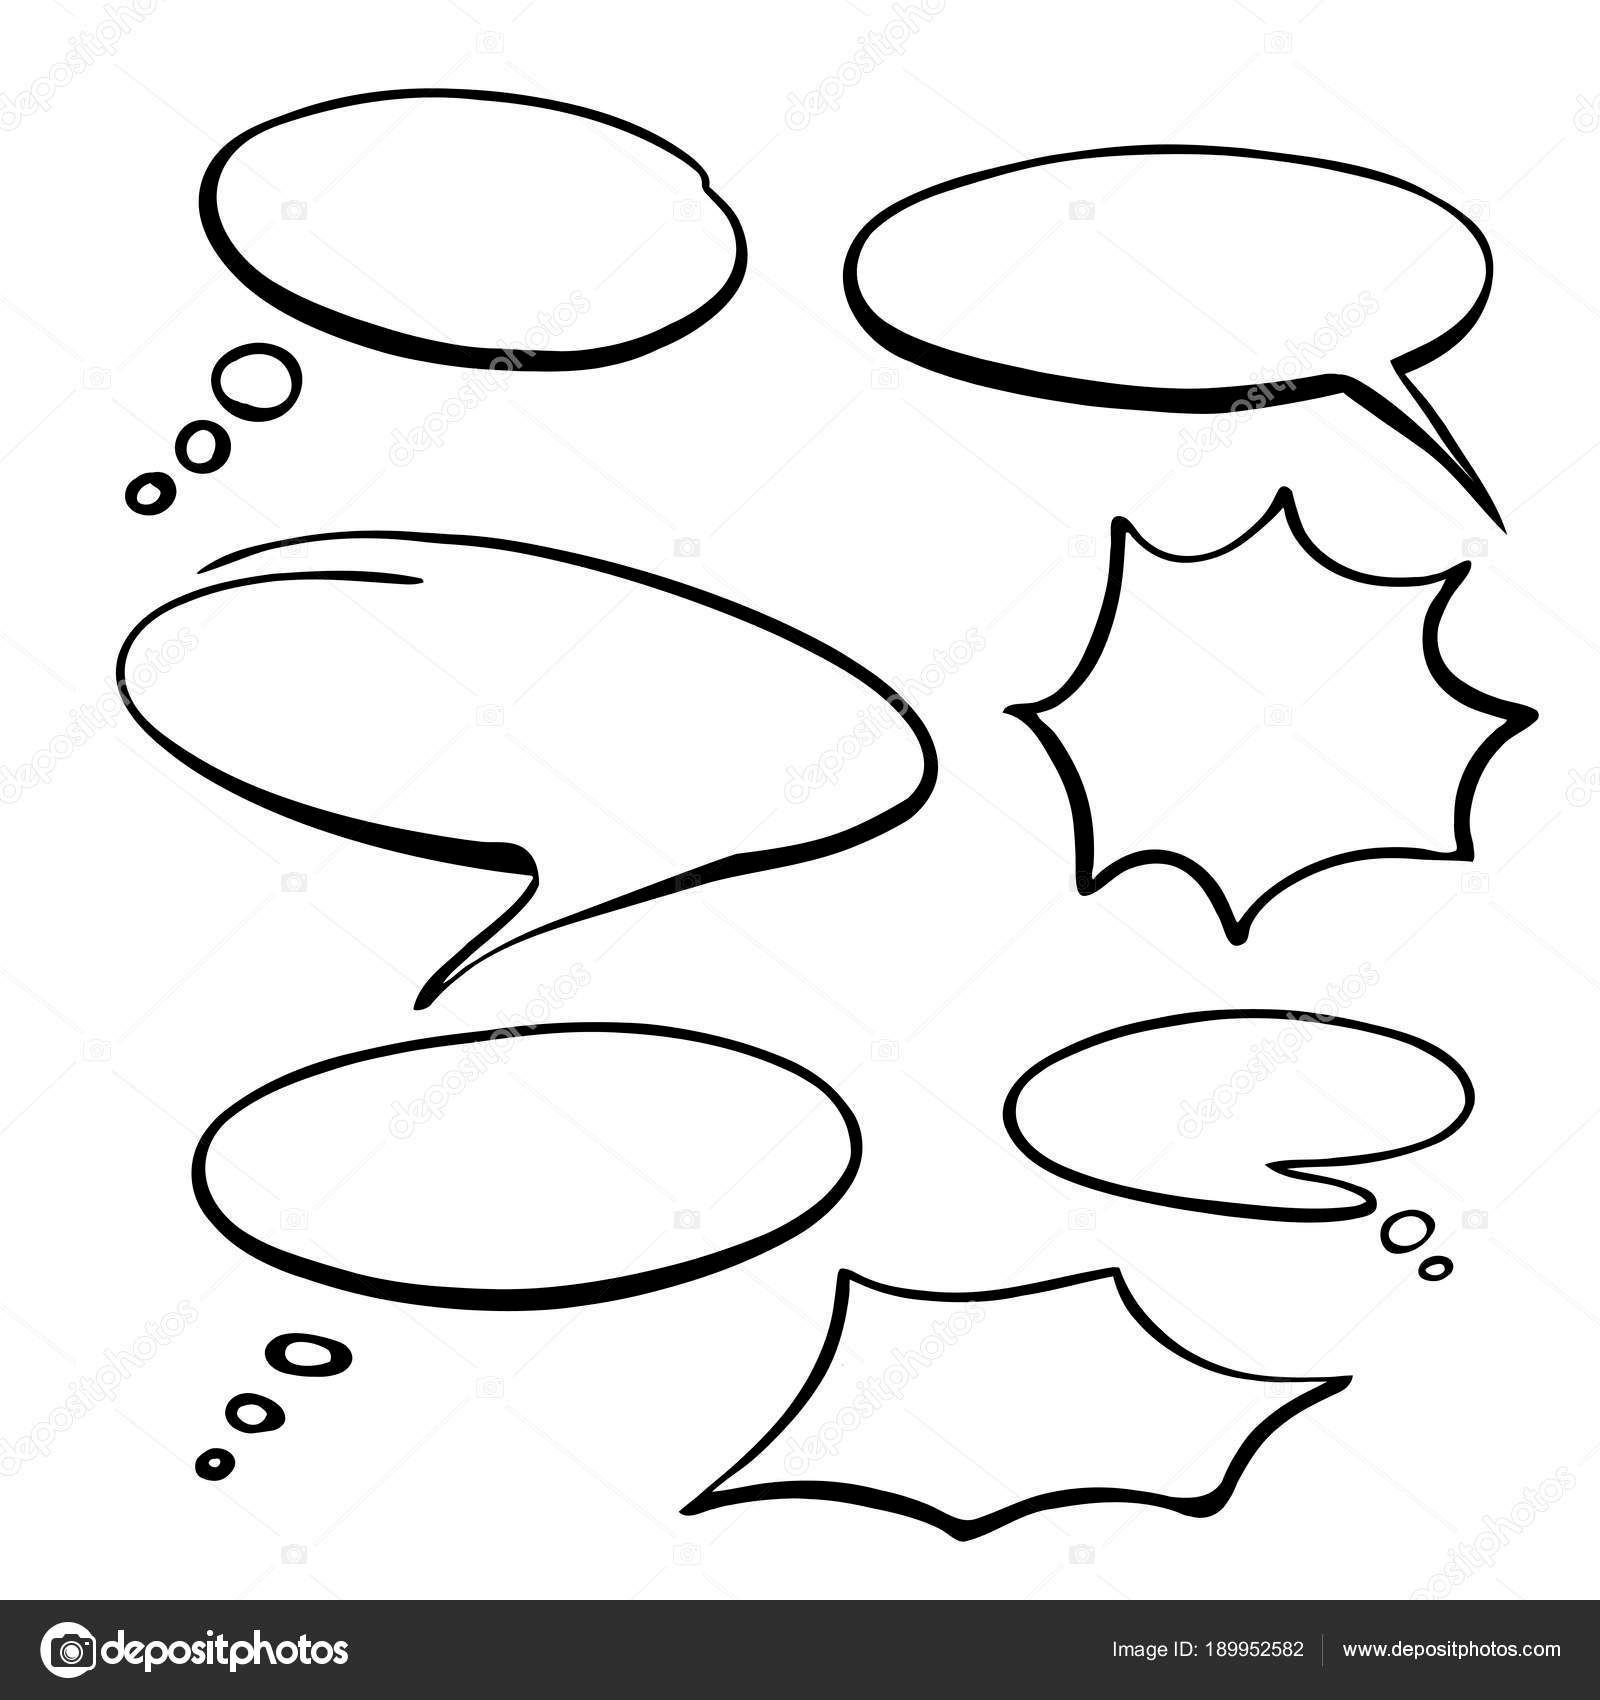 depositphotos_189952582-stock-illustration-comic-bubble-speech-stock-illustration.jpg